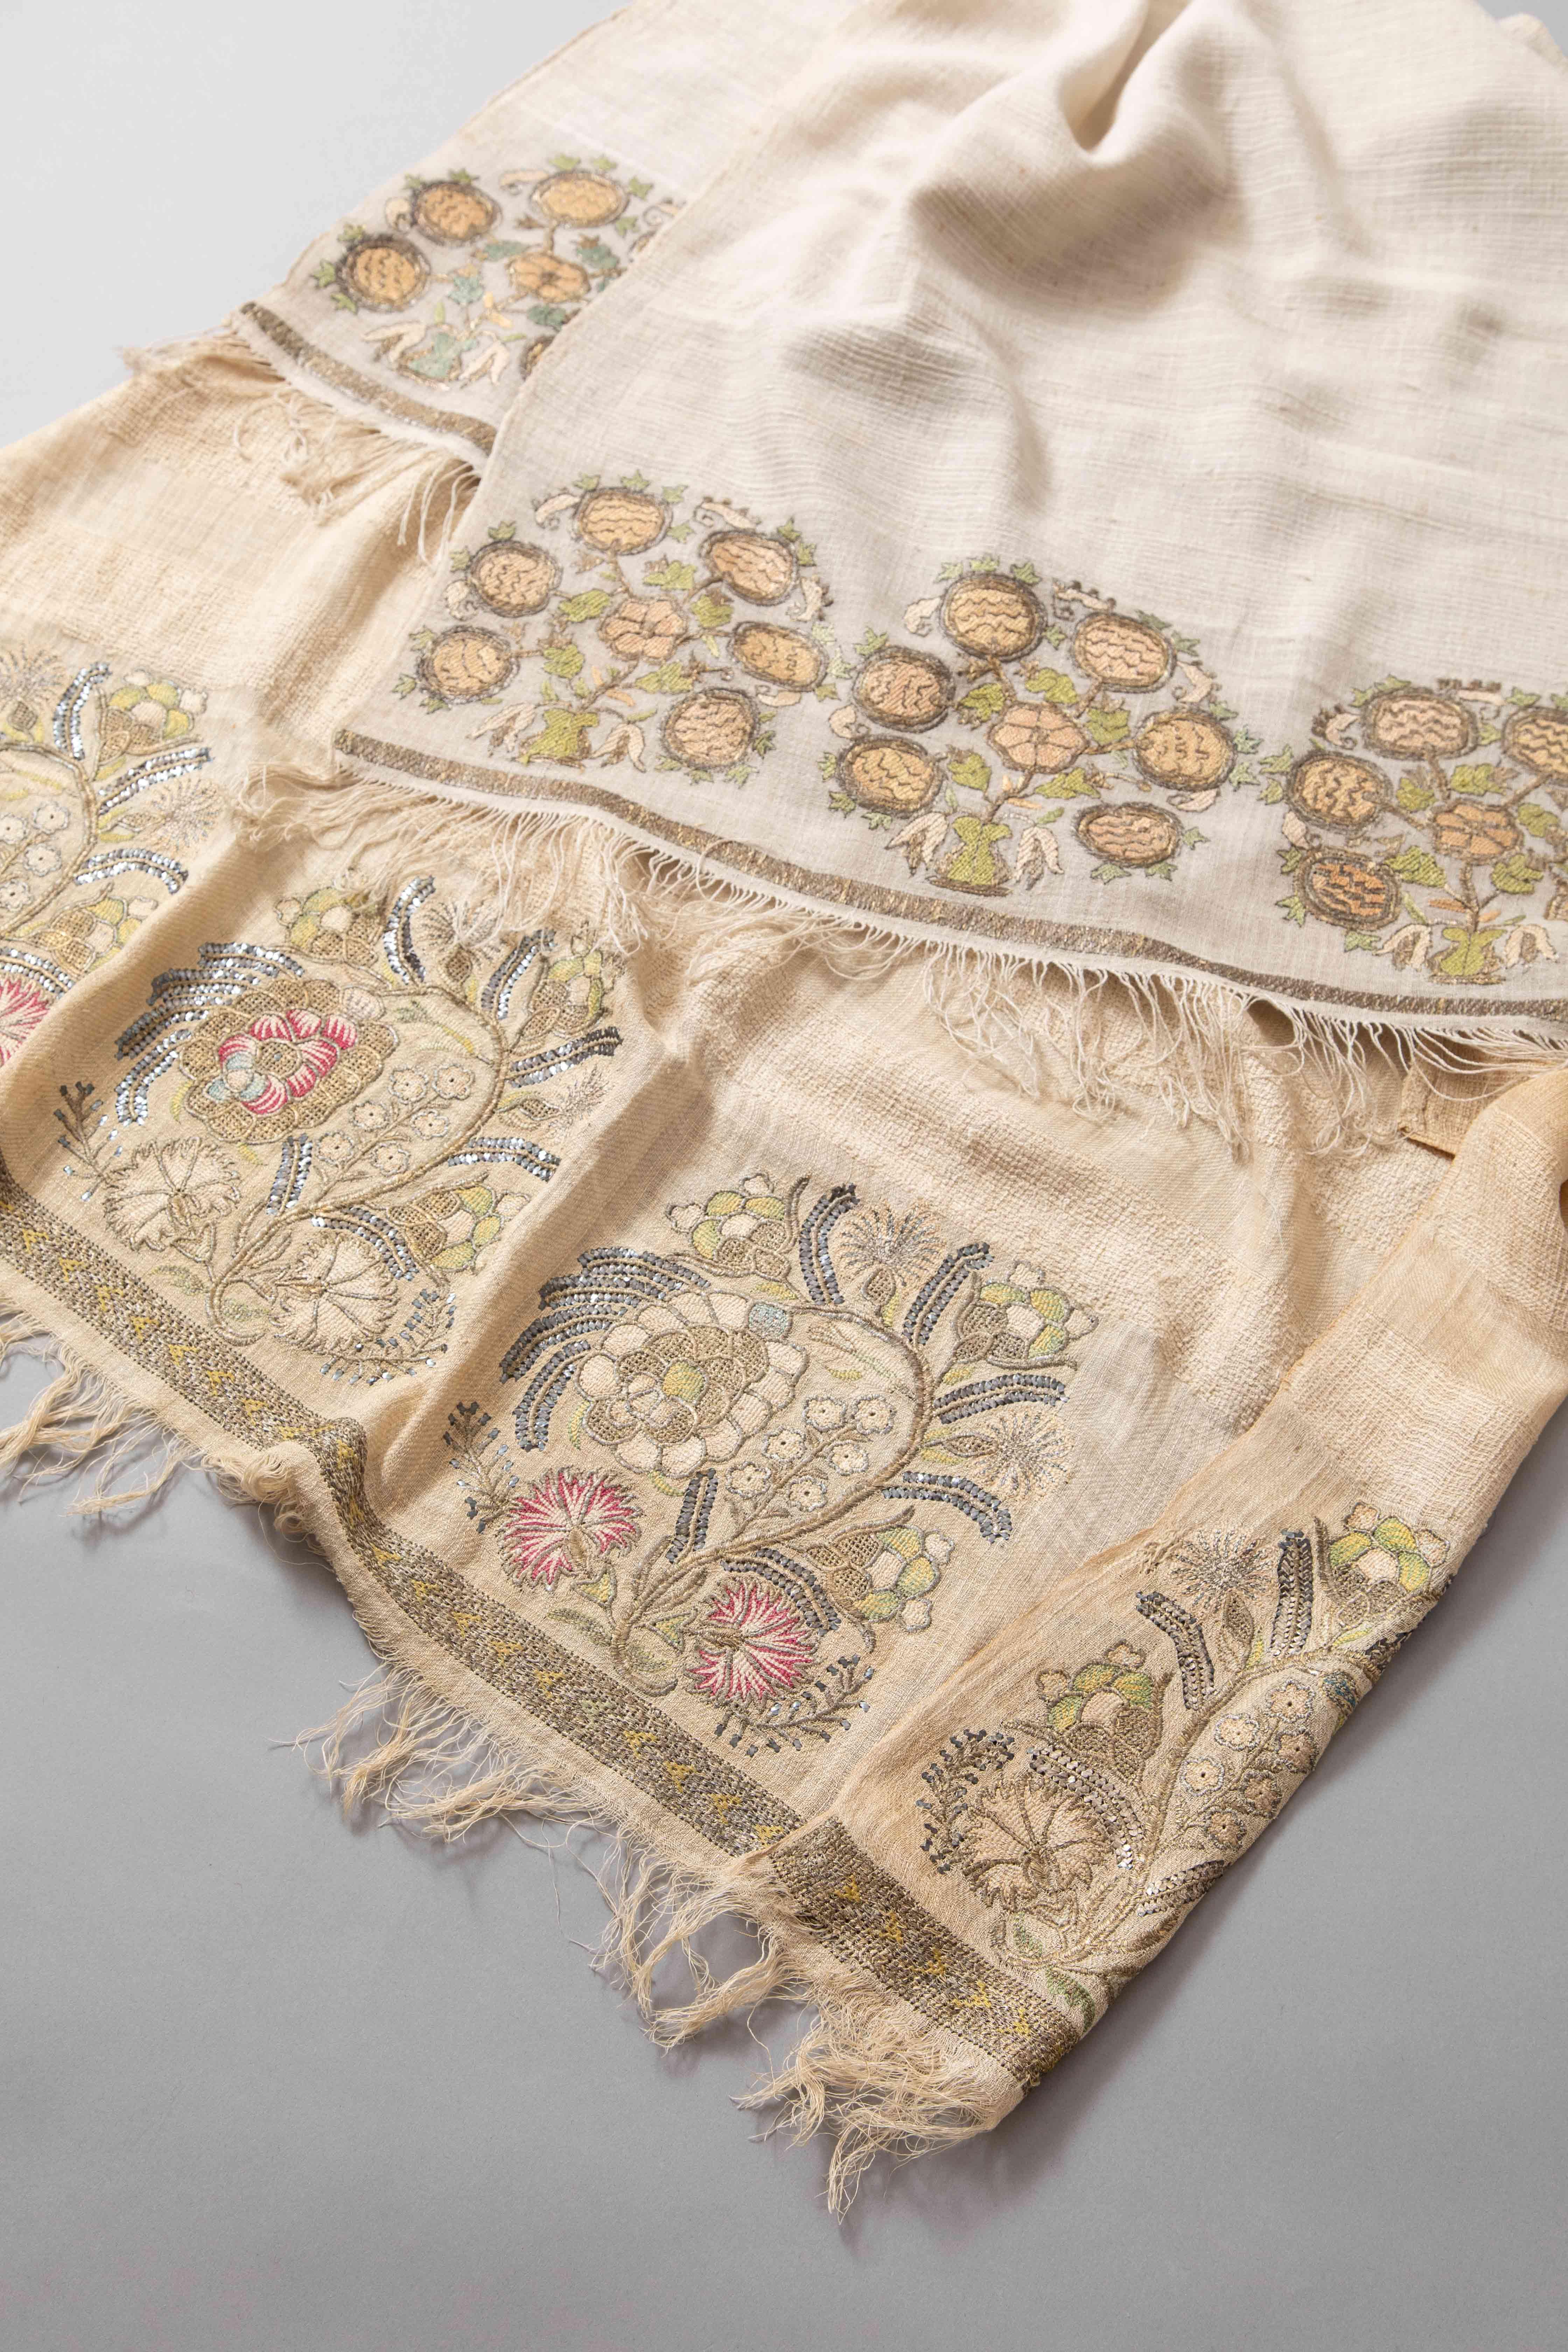 花嫁タオル/トルコ(1800年代中期)写真提供:世界文化社